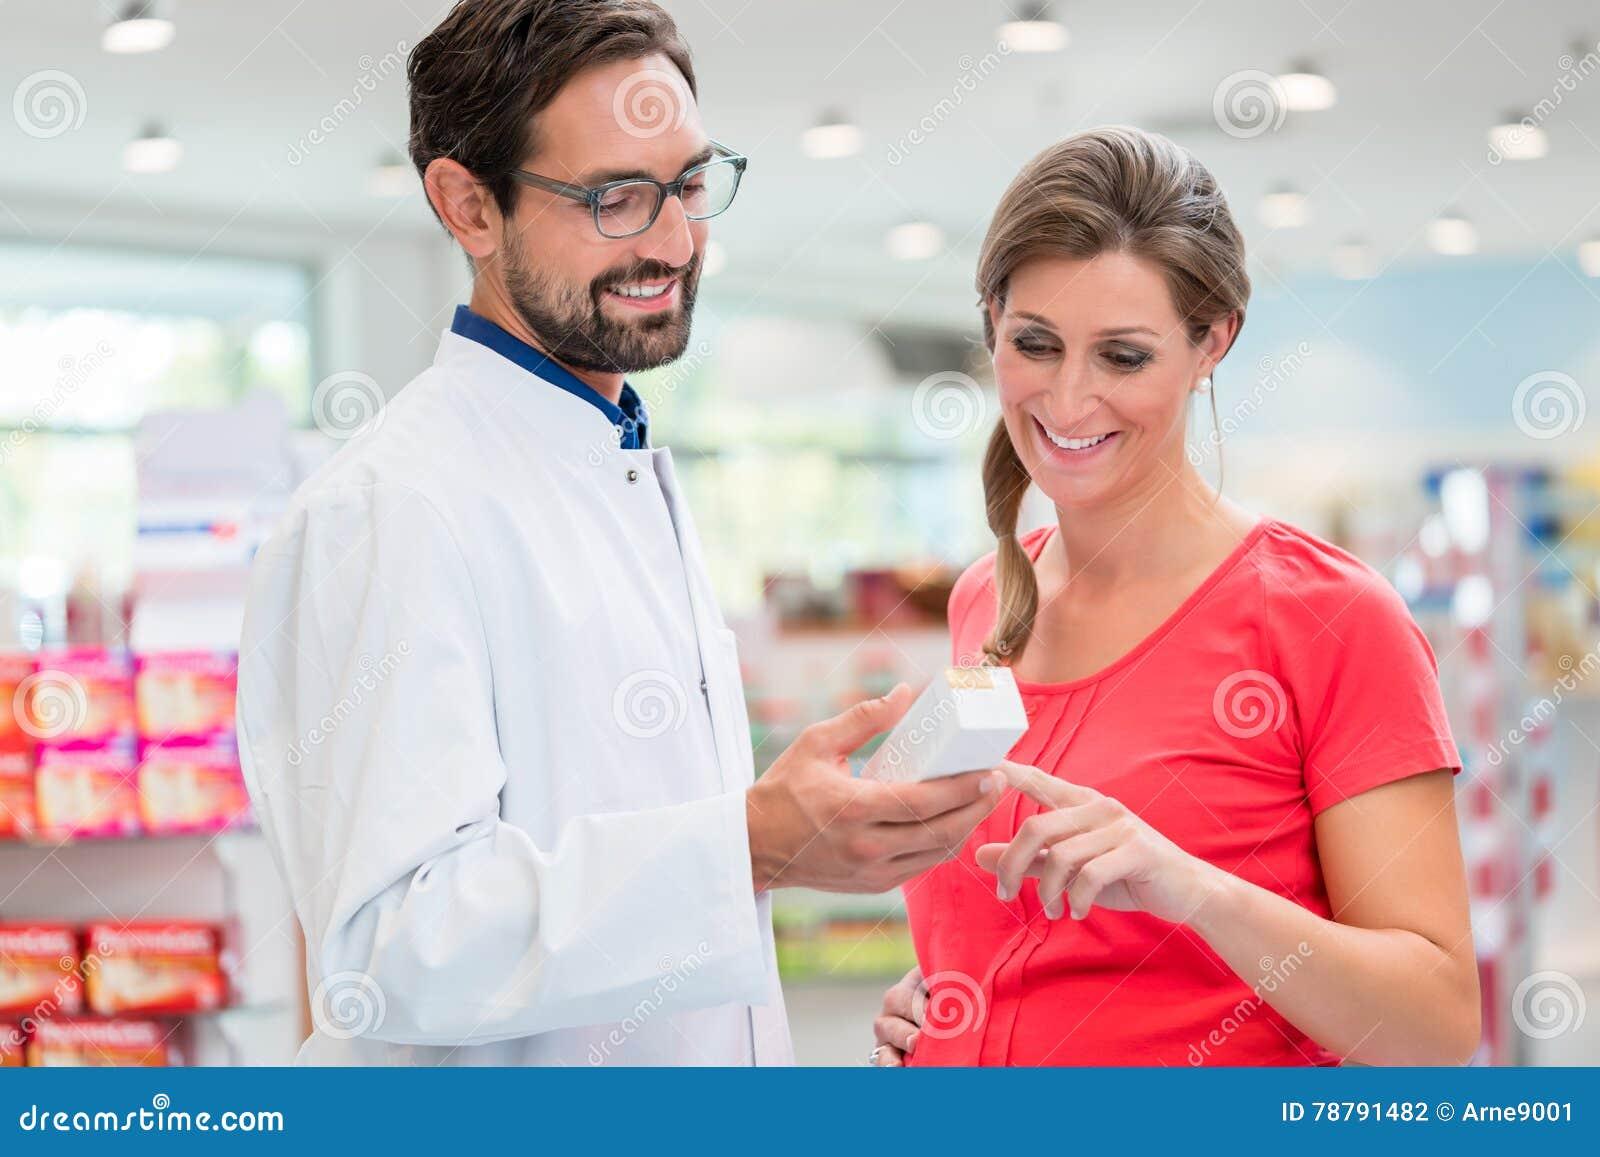 Έγκυος γυναίκα που ψωνίζει στο φαρμακείο